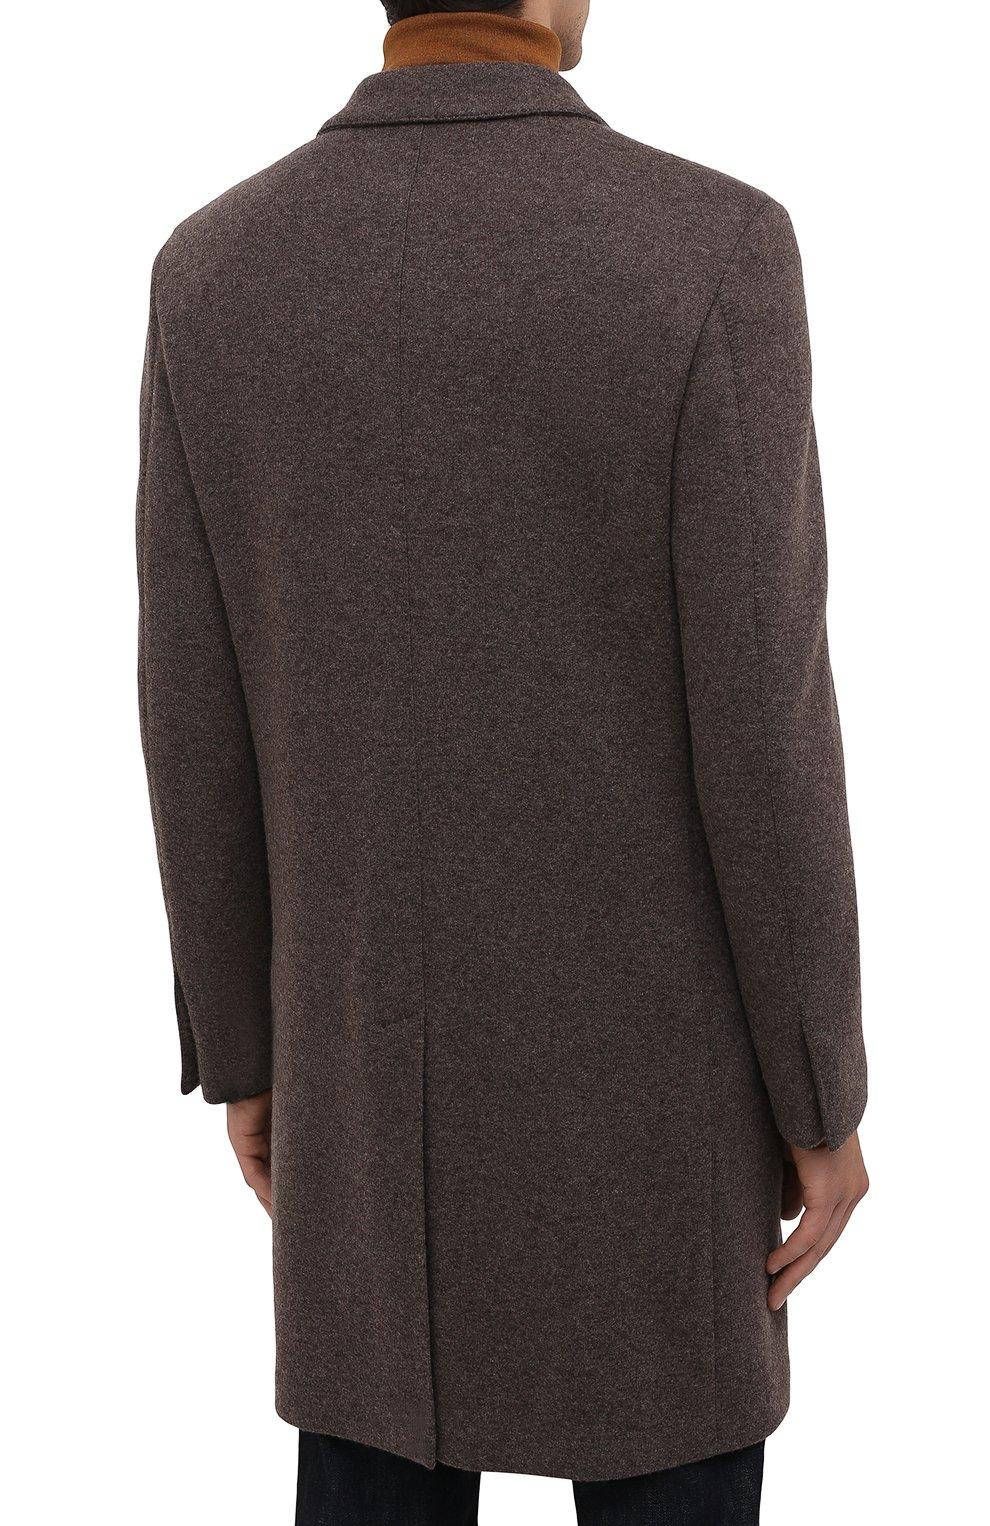 Мужской кашемировое пальто ERMENEGILDO ZEGNA коричневого цвета, арт. 277014/4DB5S0   Фото 4 (Материал внешний: Шерсть, Кашемир; Рукава: Длинные; Длина (верхняя одежда): До середины бедра; Стили: Классический; Мужское Кросс-КТ: пальто-верхняя одежда)